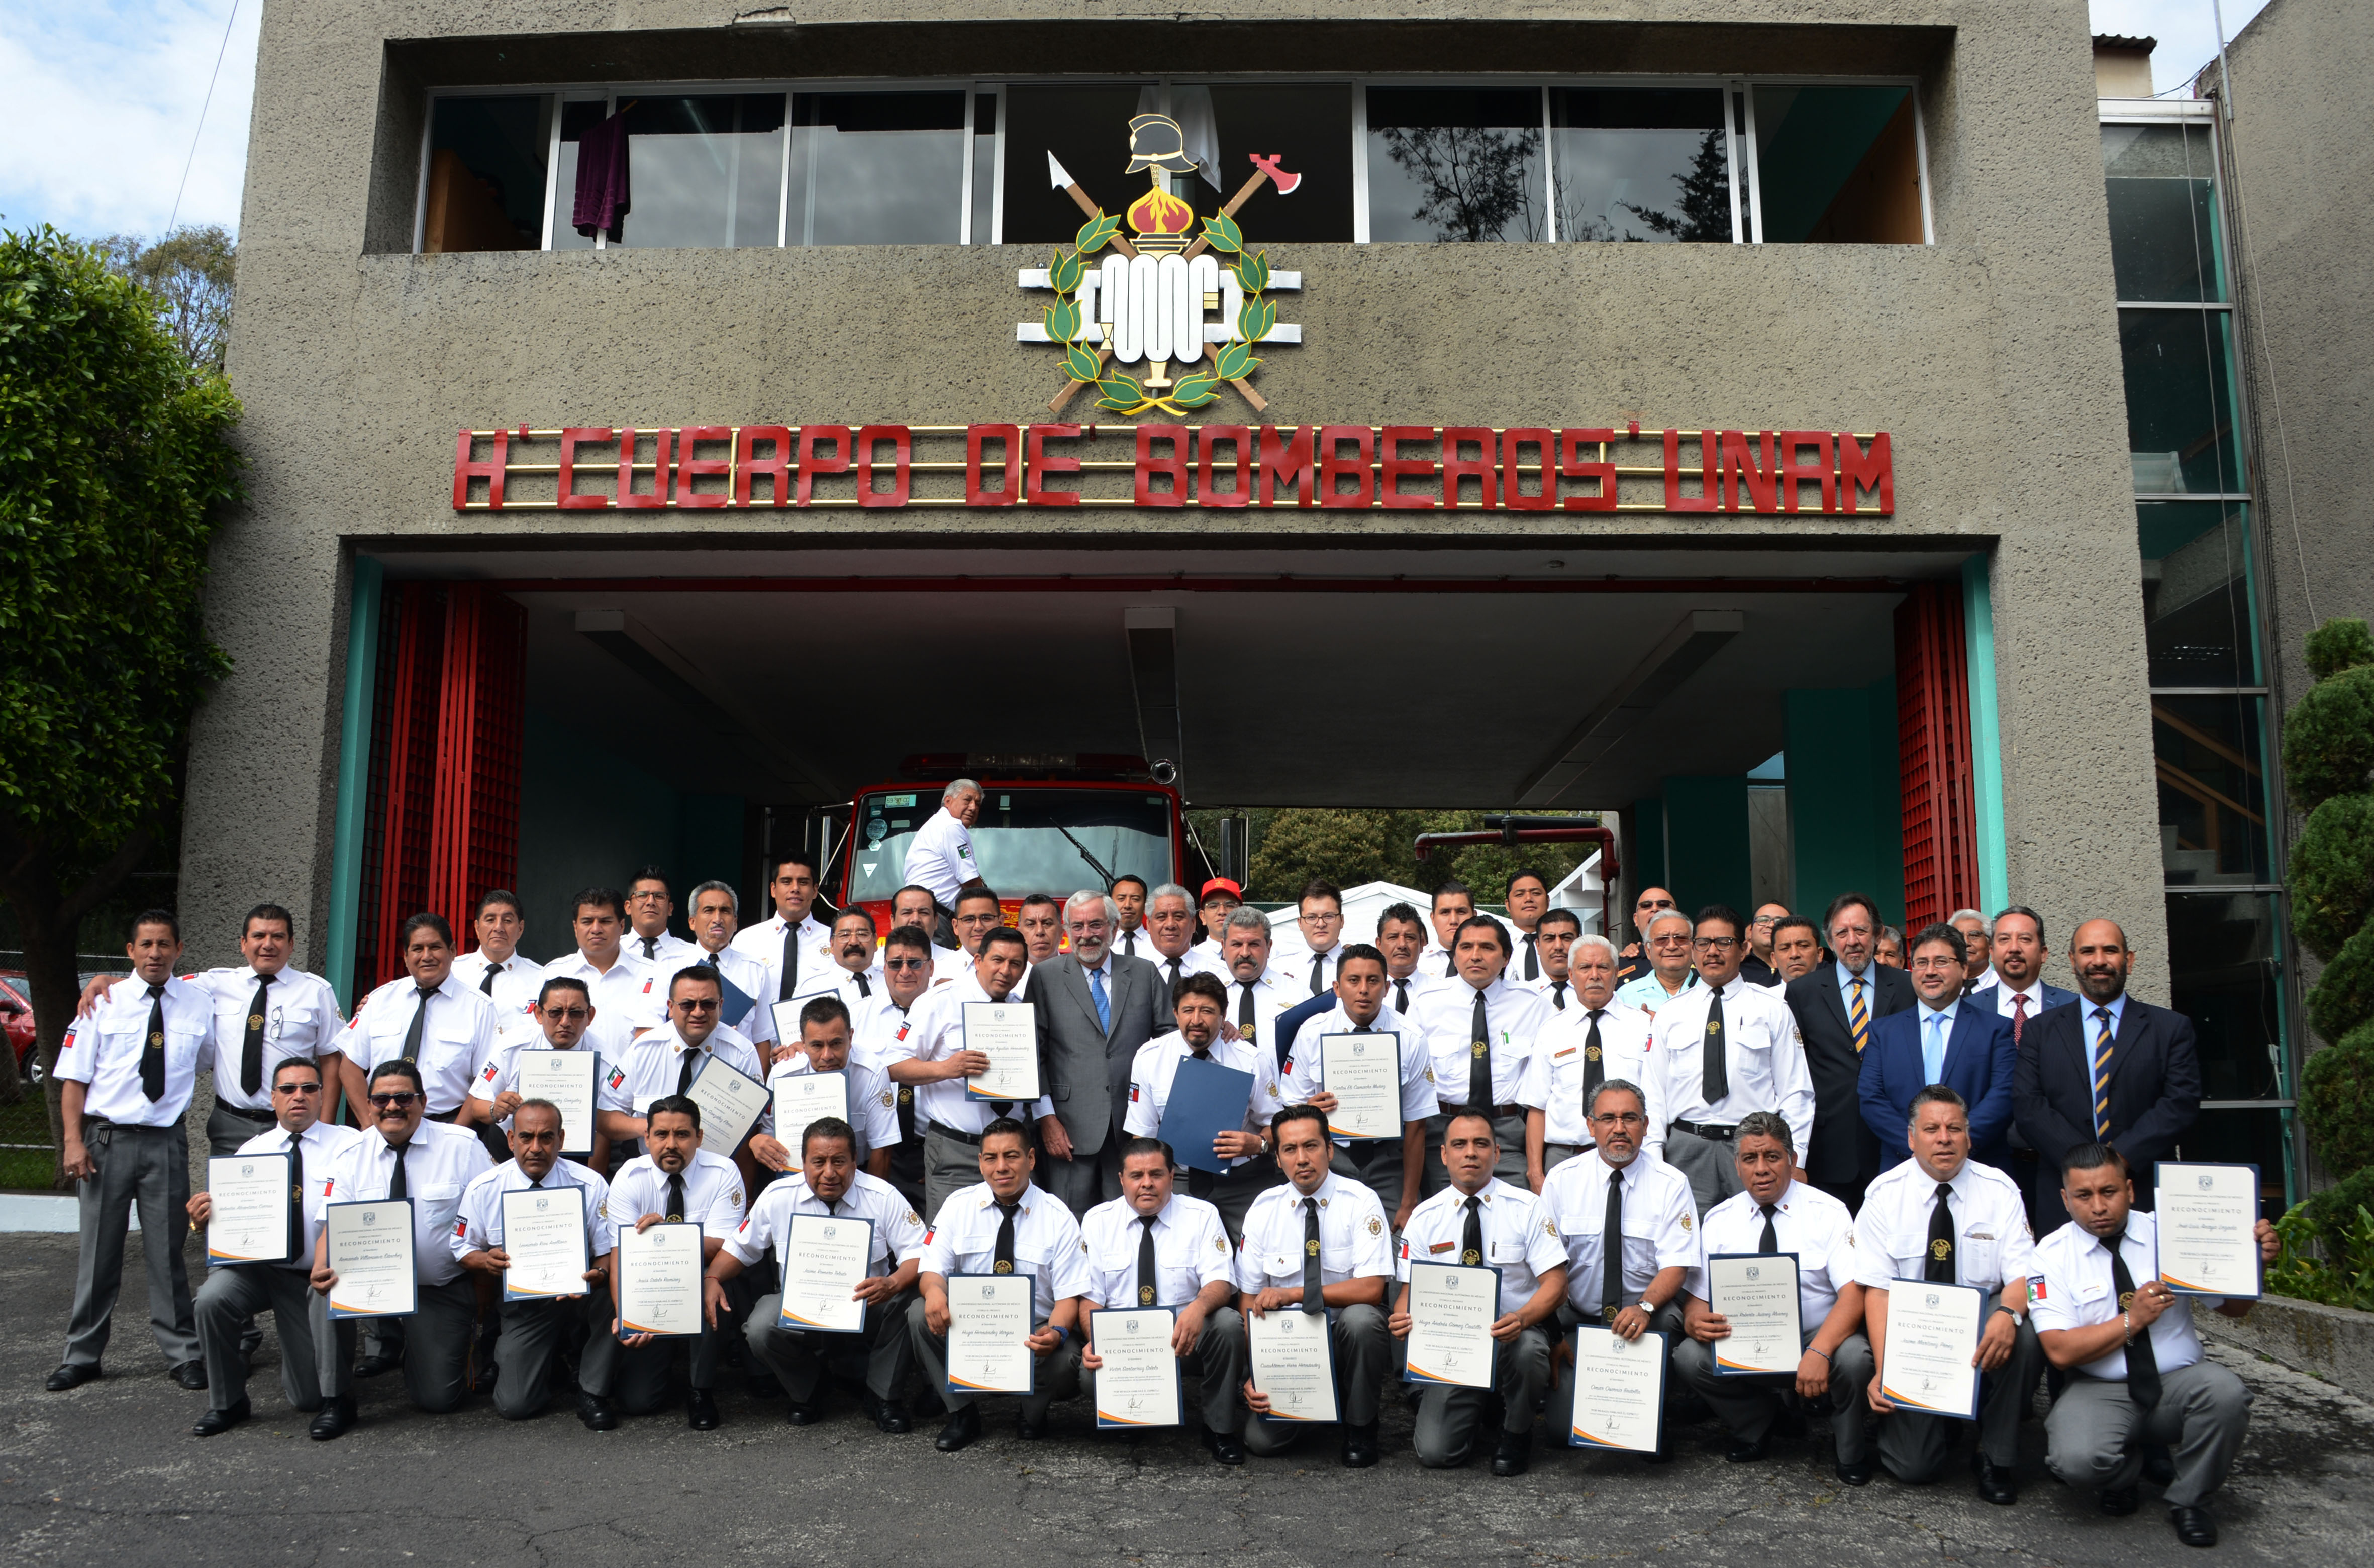 Reconoce la UNAM a su Heroico Cuerpo de Bomberos